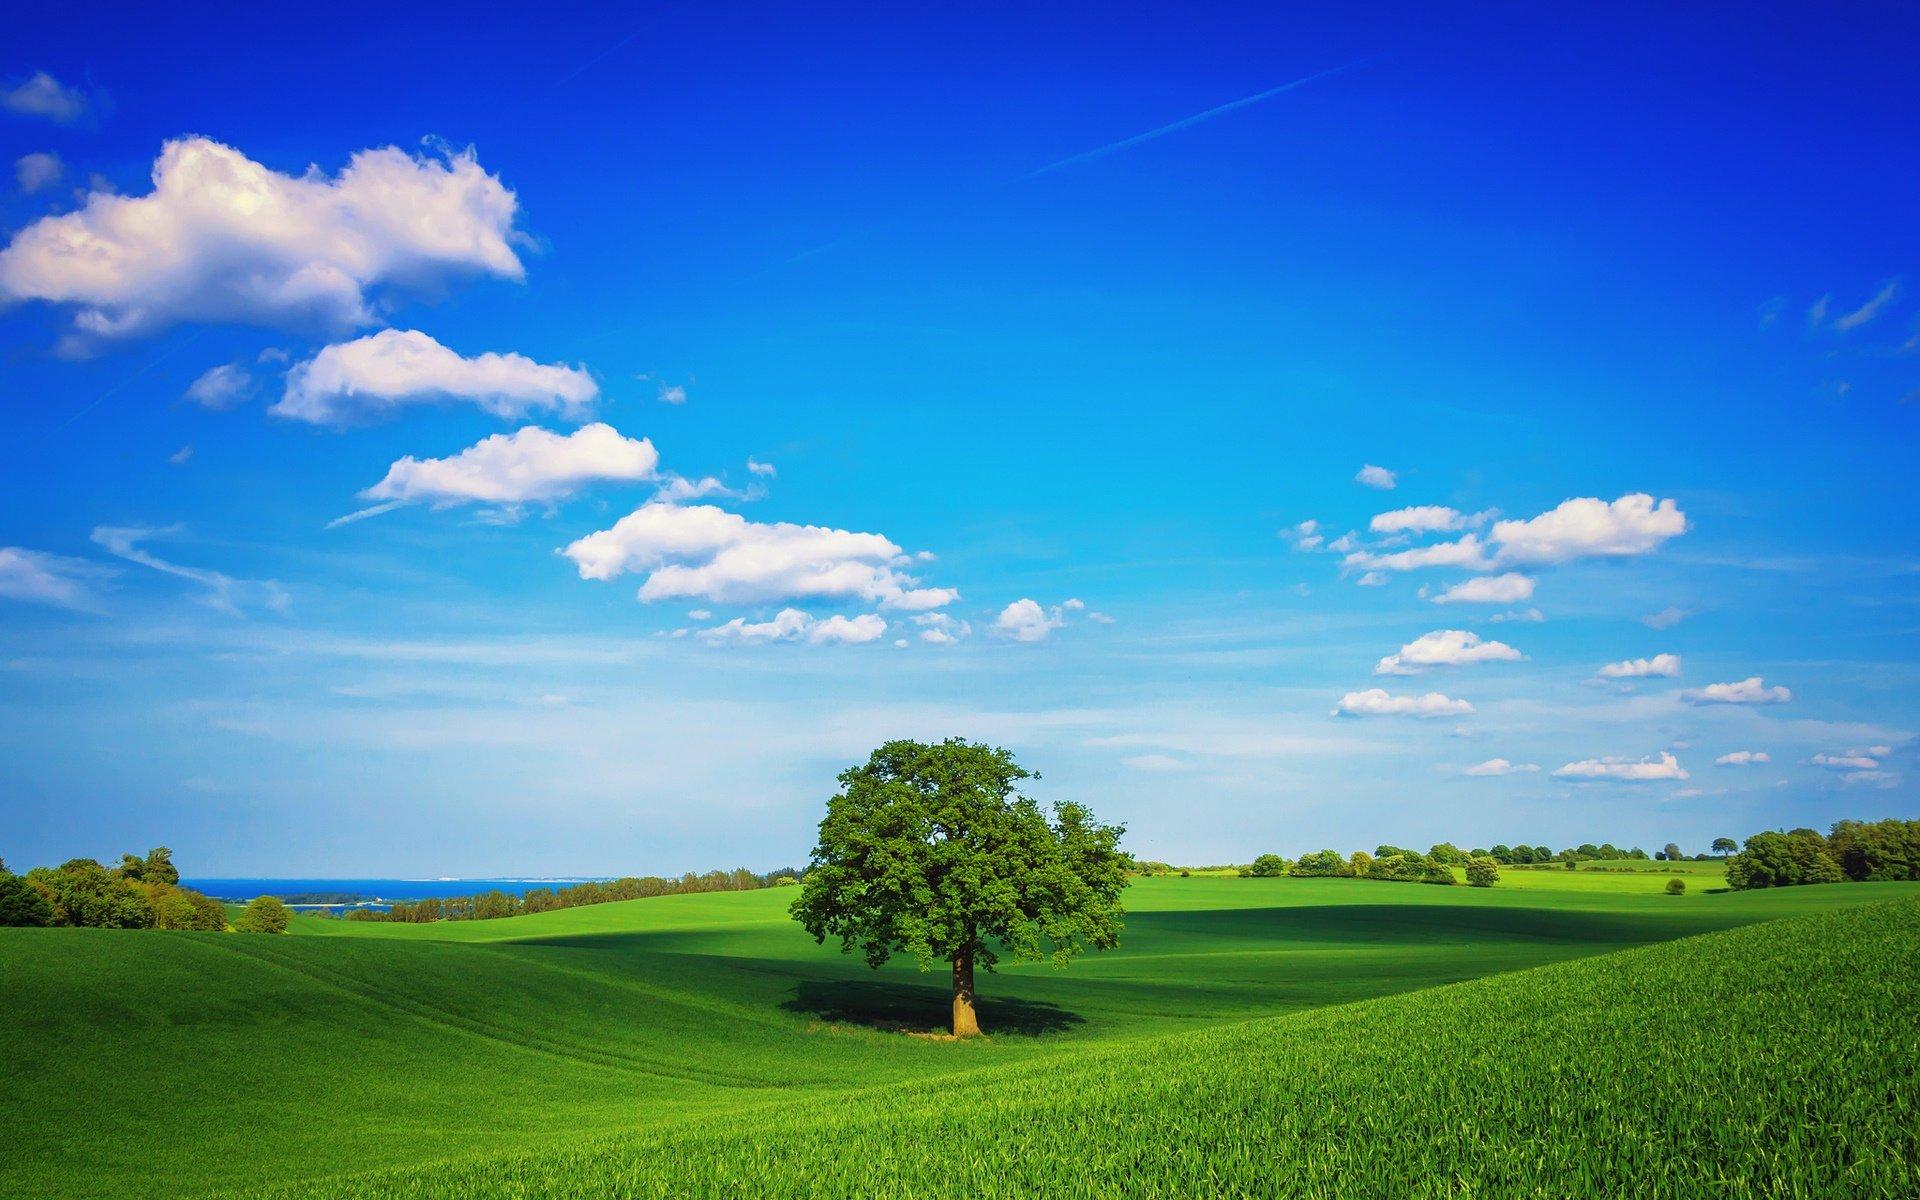 高清唯美风景桌面壁纸-风景桌面壁纸高清全屏_电脑桌面风景壁纸高清